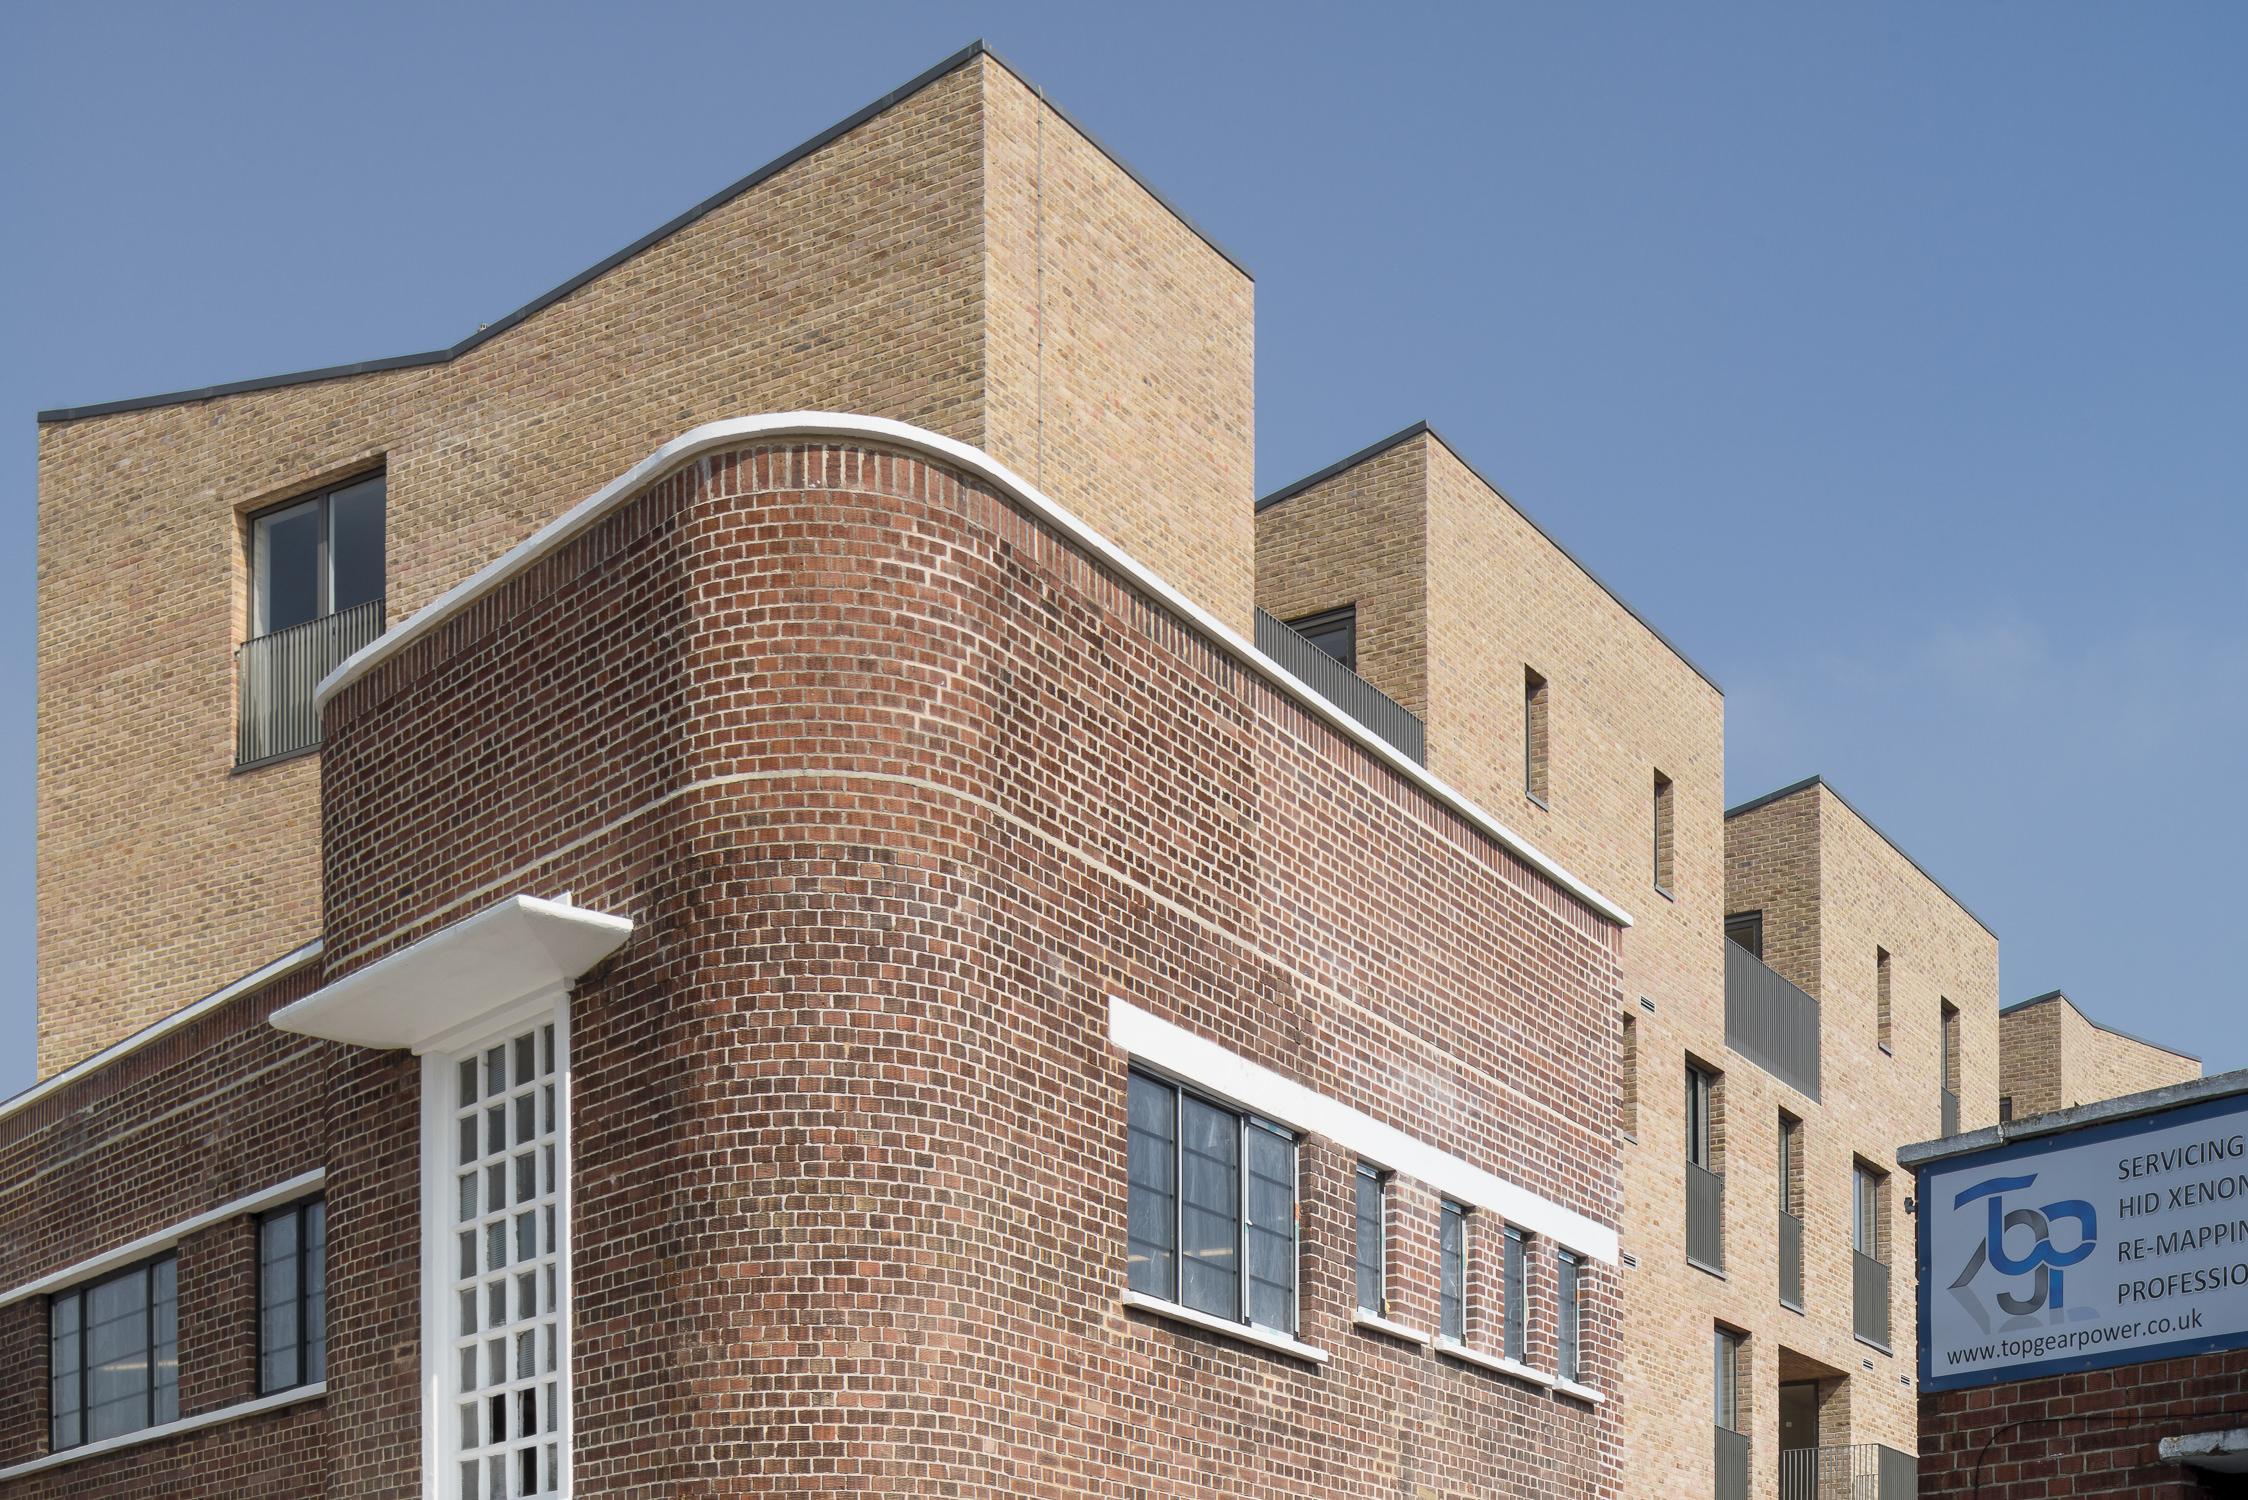 mikhail-riches-brentford-lock-mark-hadden-architecture-photographer-architectuur-fotograaf-021.jpg